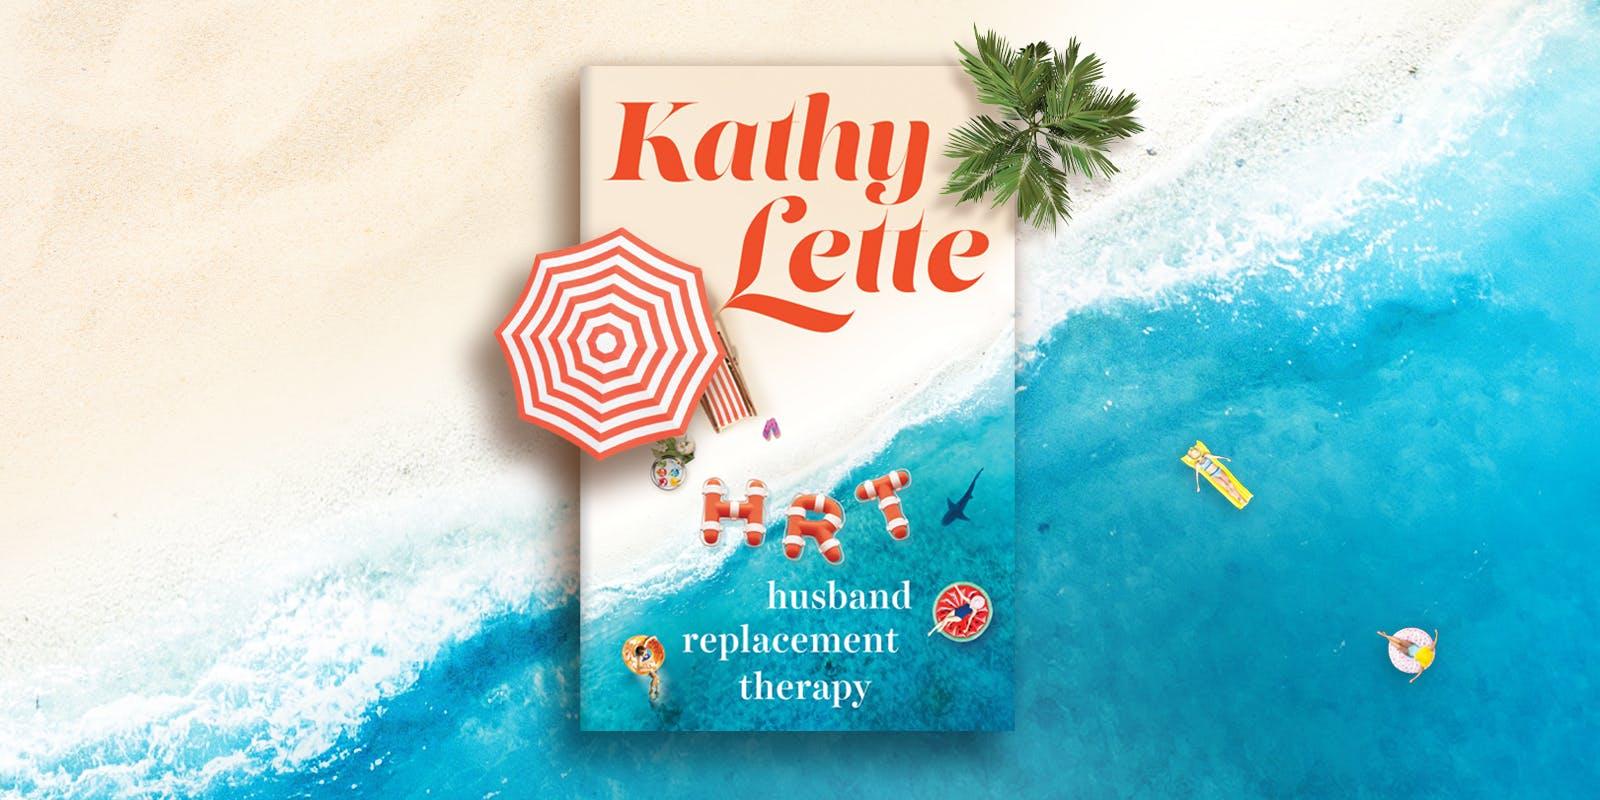 Kathy Lette Q&A